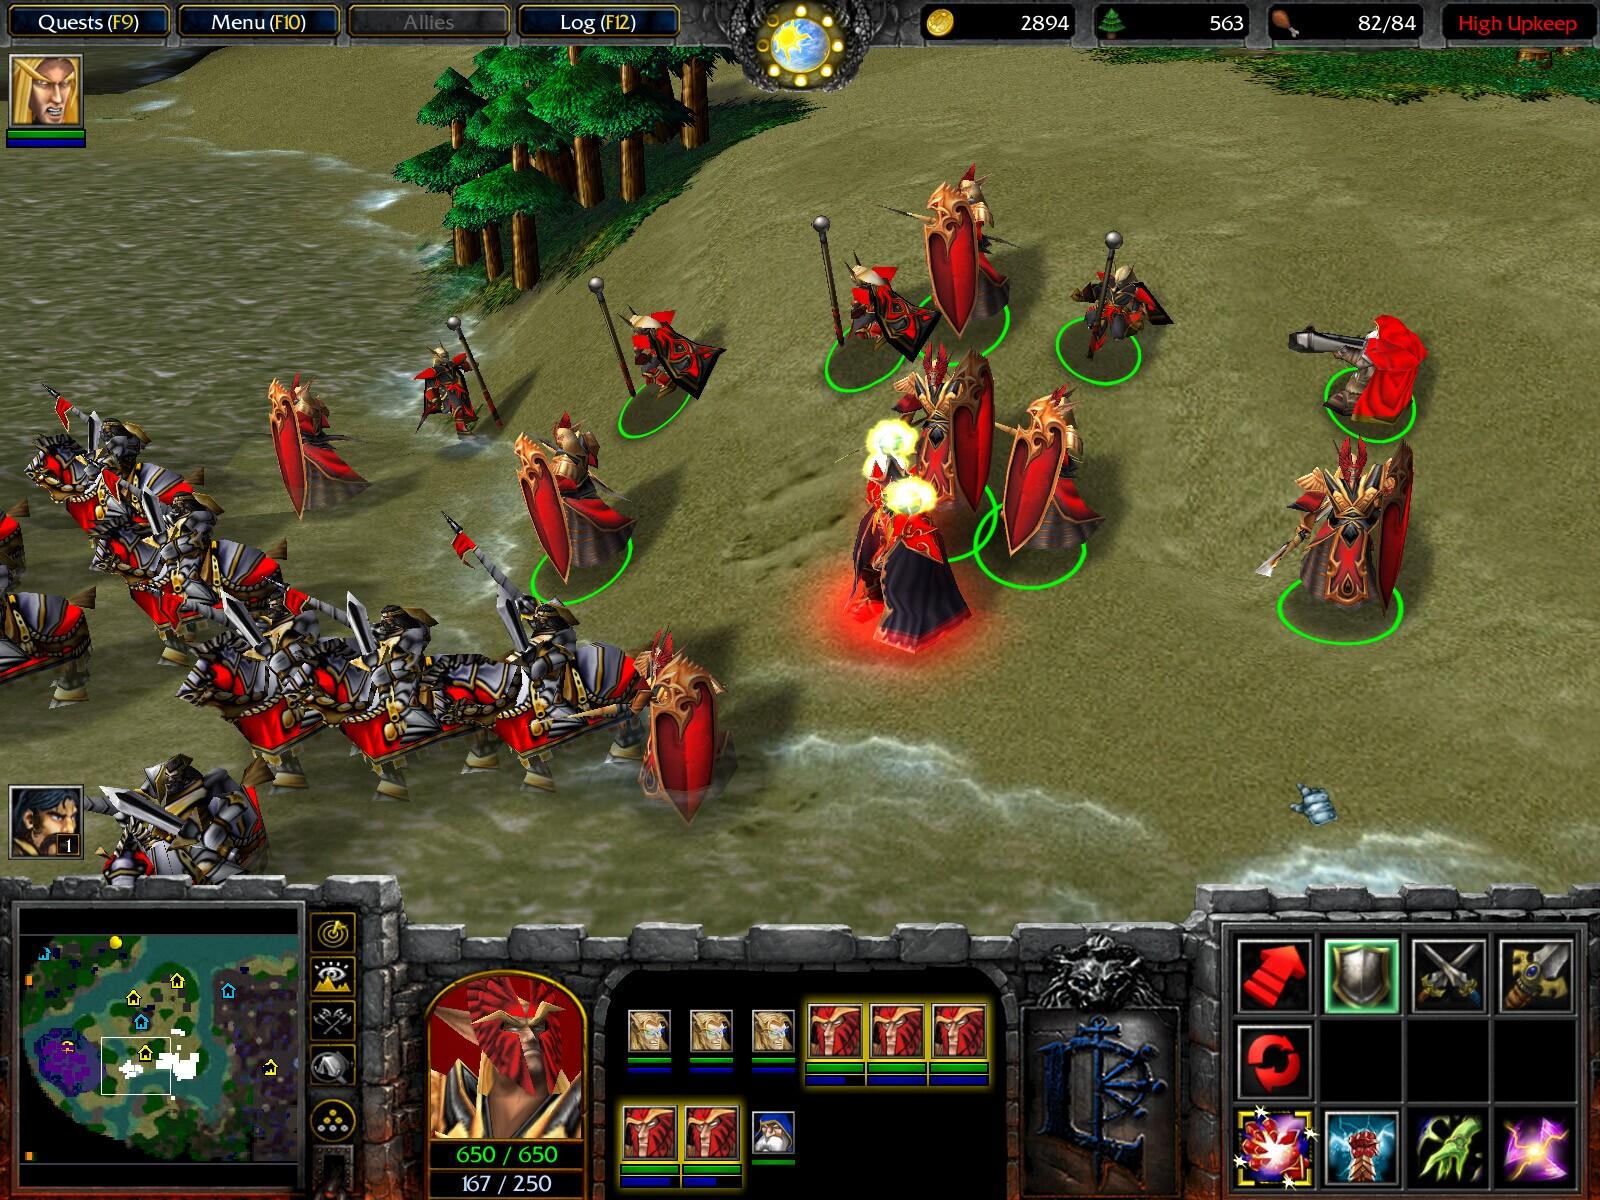 Скачать онлайн игру war craft скачать игру онлайн бесплатно через торрент как достать соседа